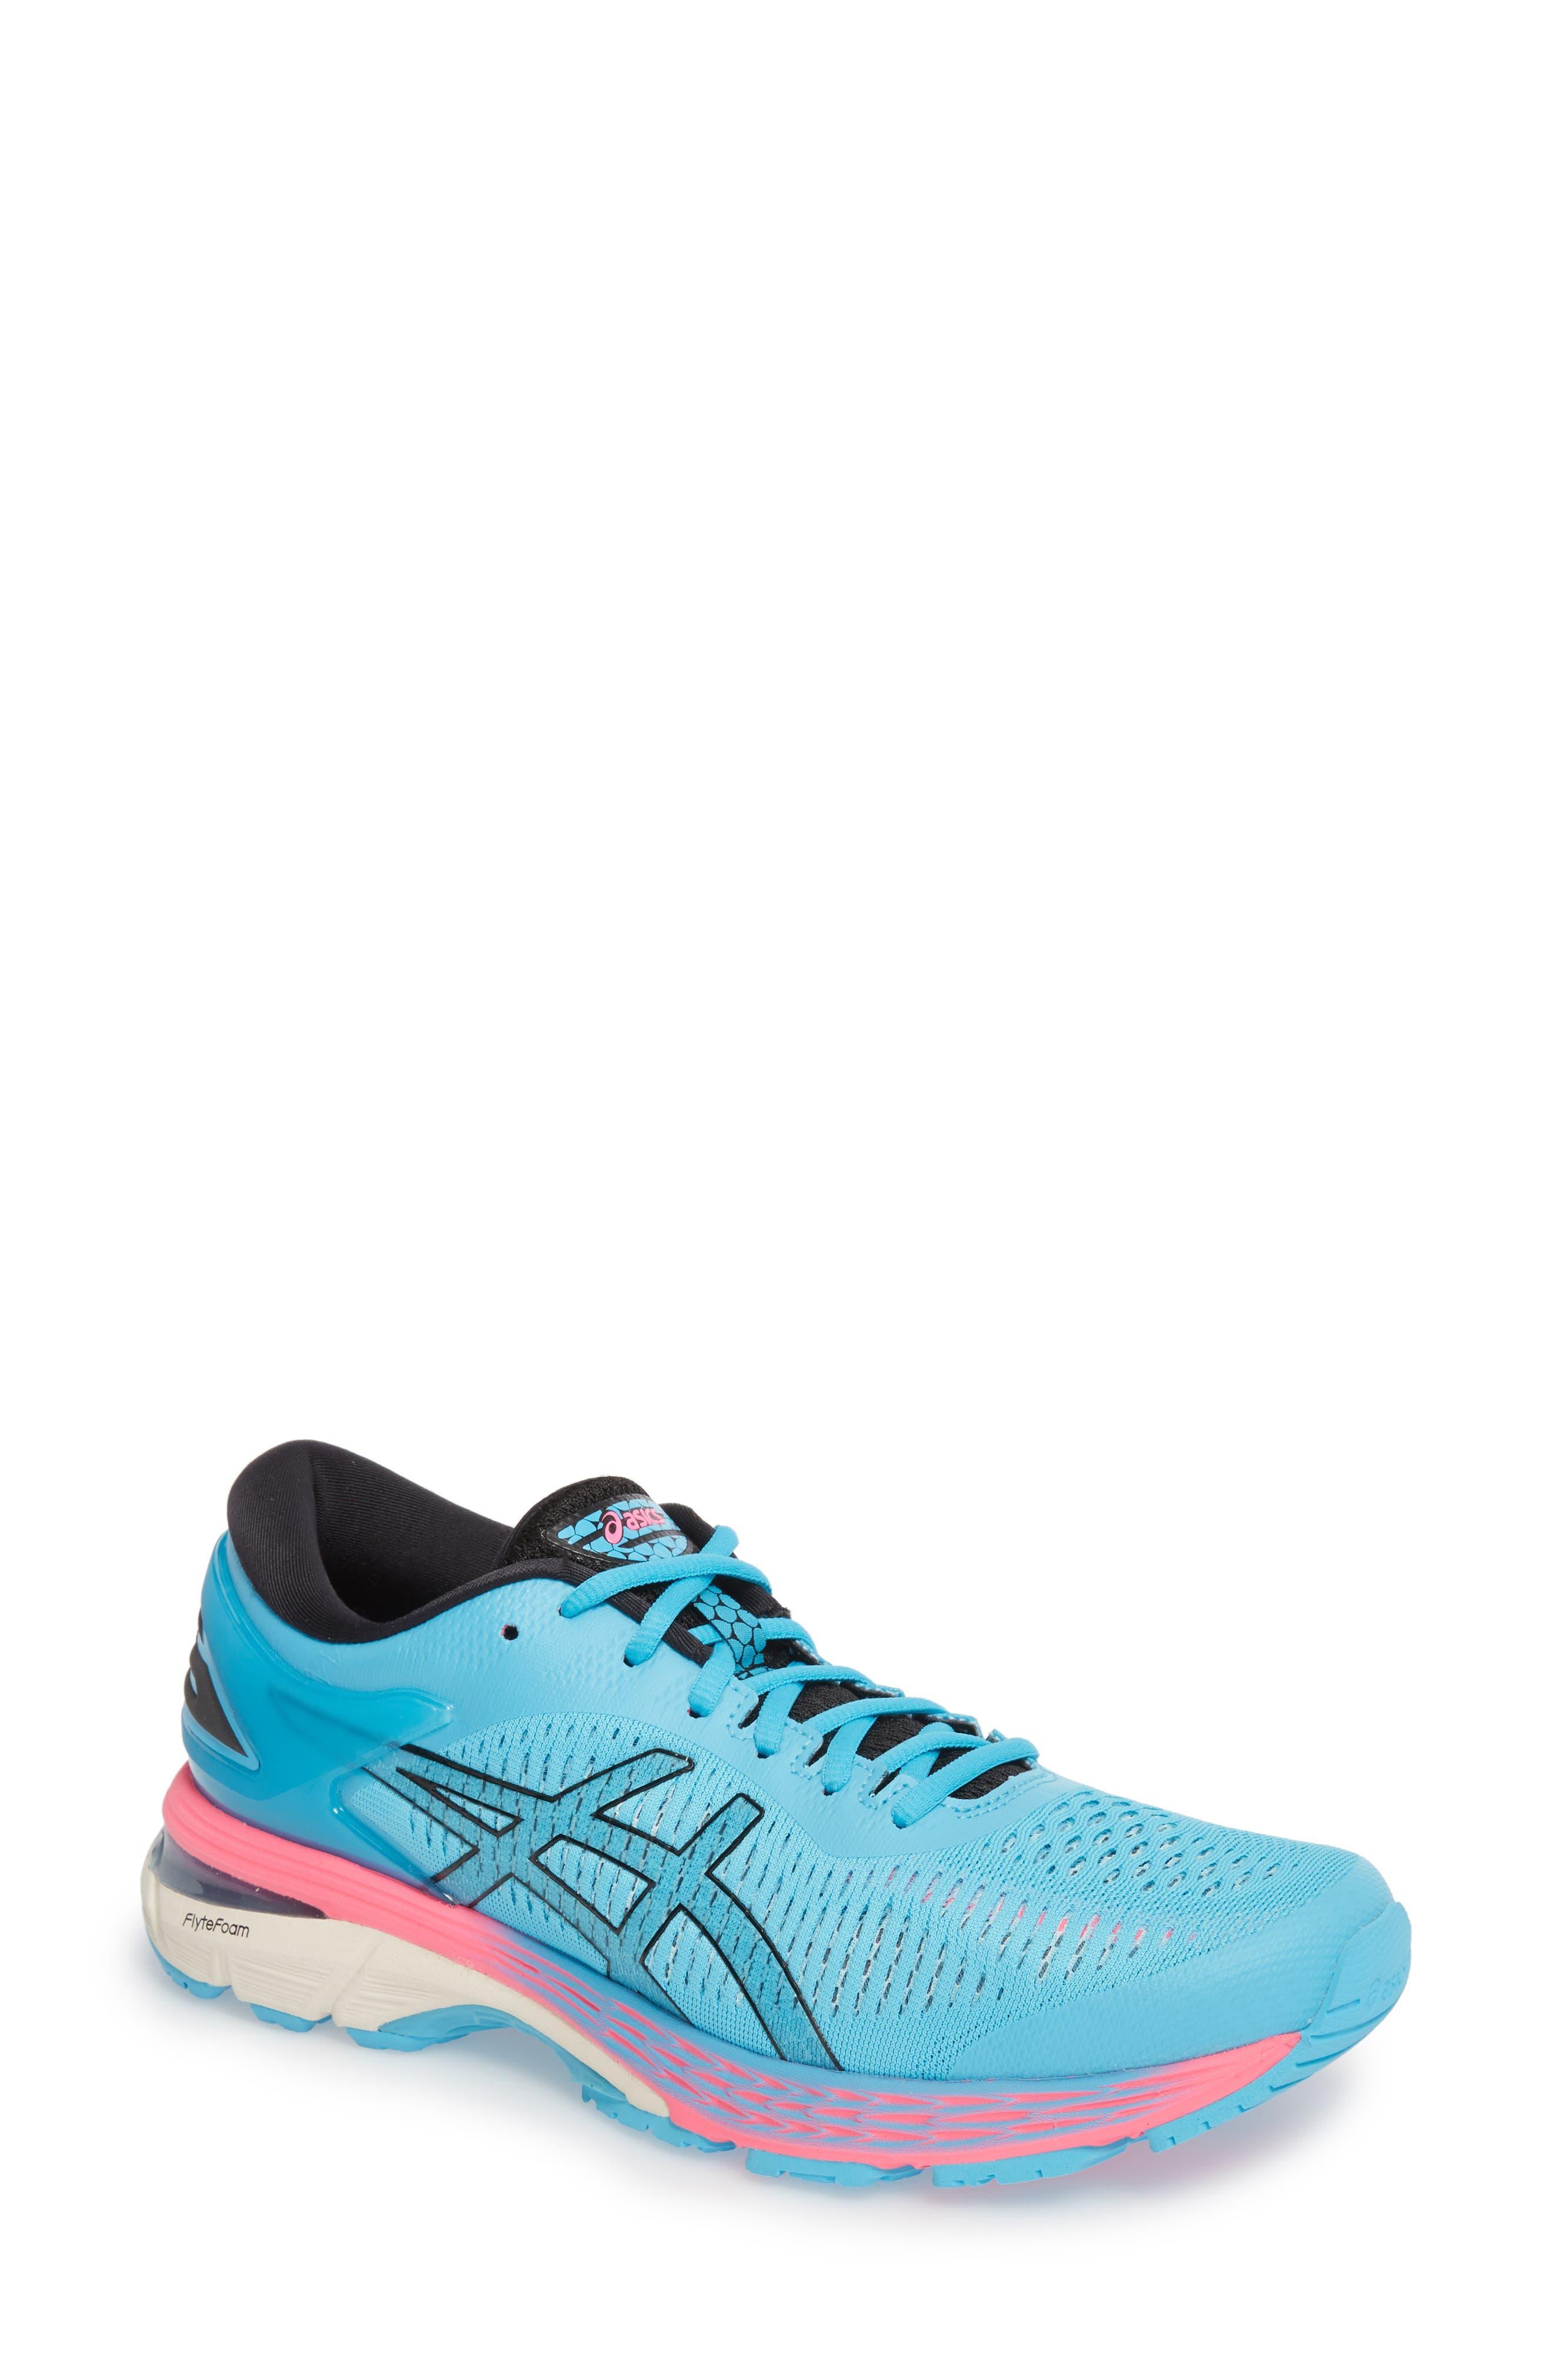 Asics Gel-Kayano 25 Running Shoe B - Blue